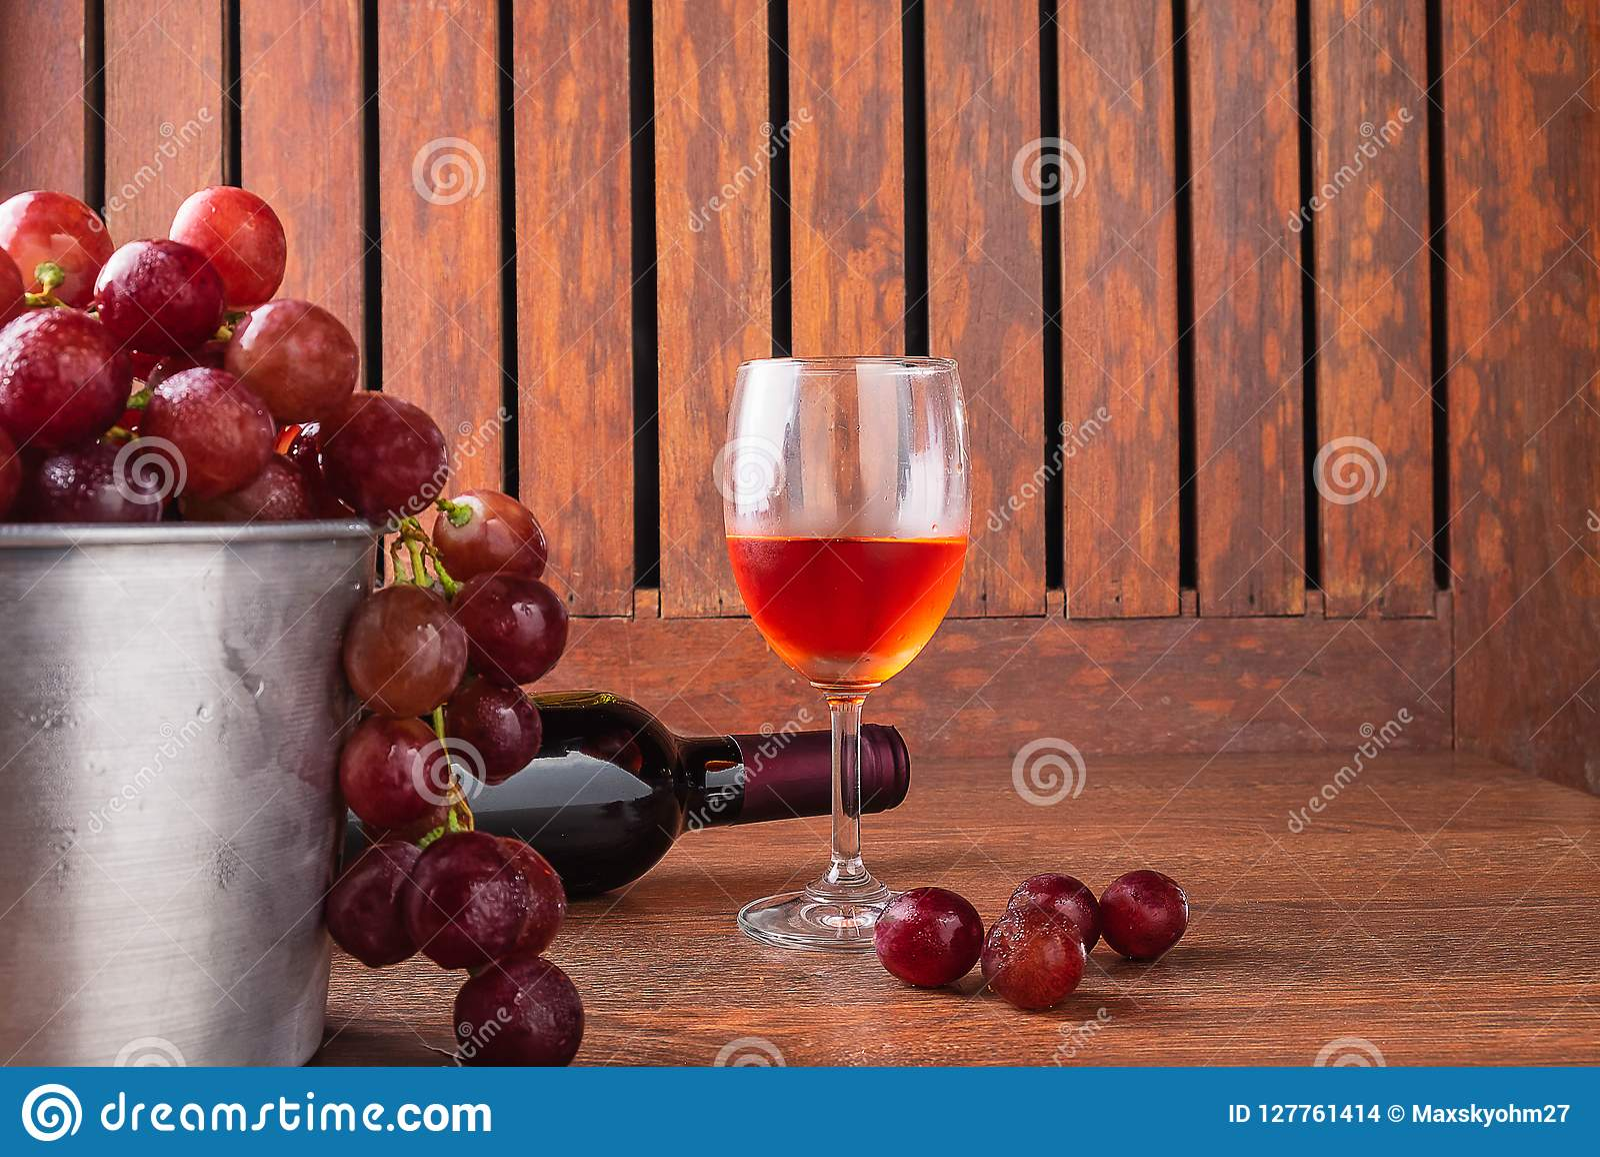 Wijnglas en Wijnfles met Rode Druiven op Houten Achtergrond